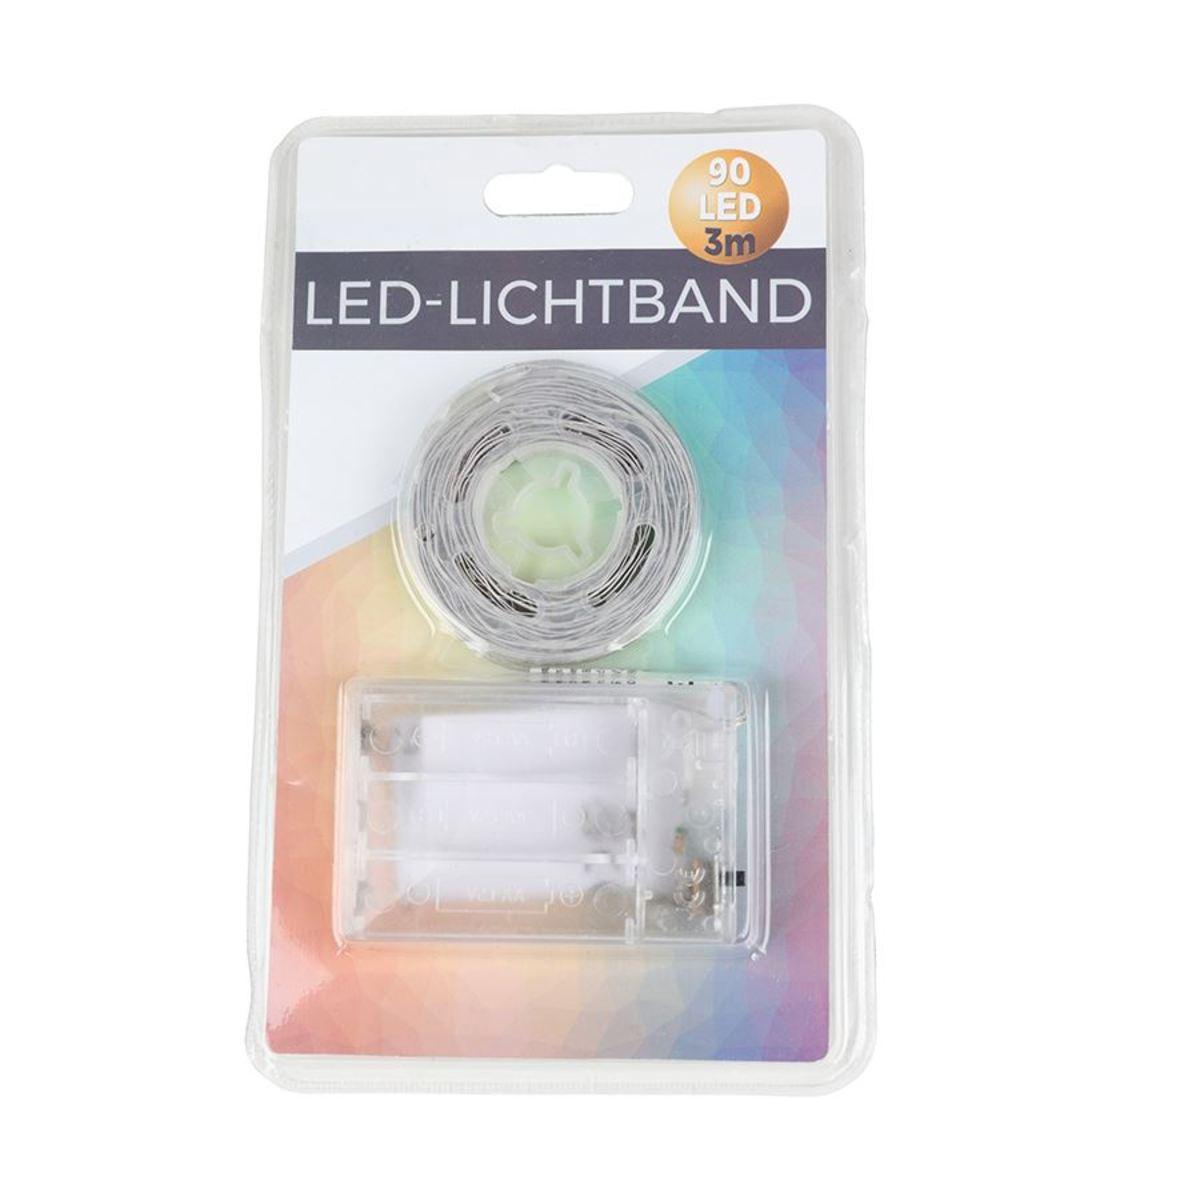 Bild 2 von LED-Lichtband 3m